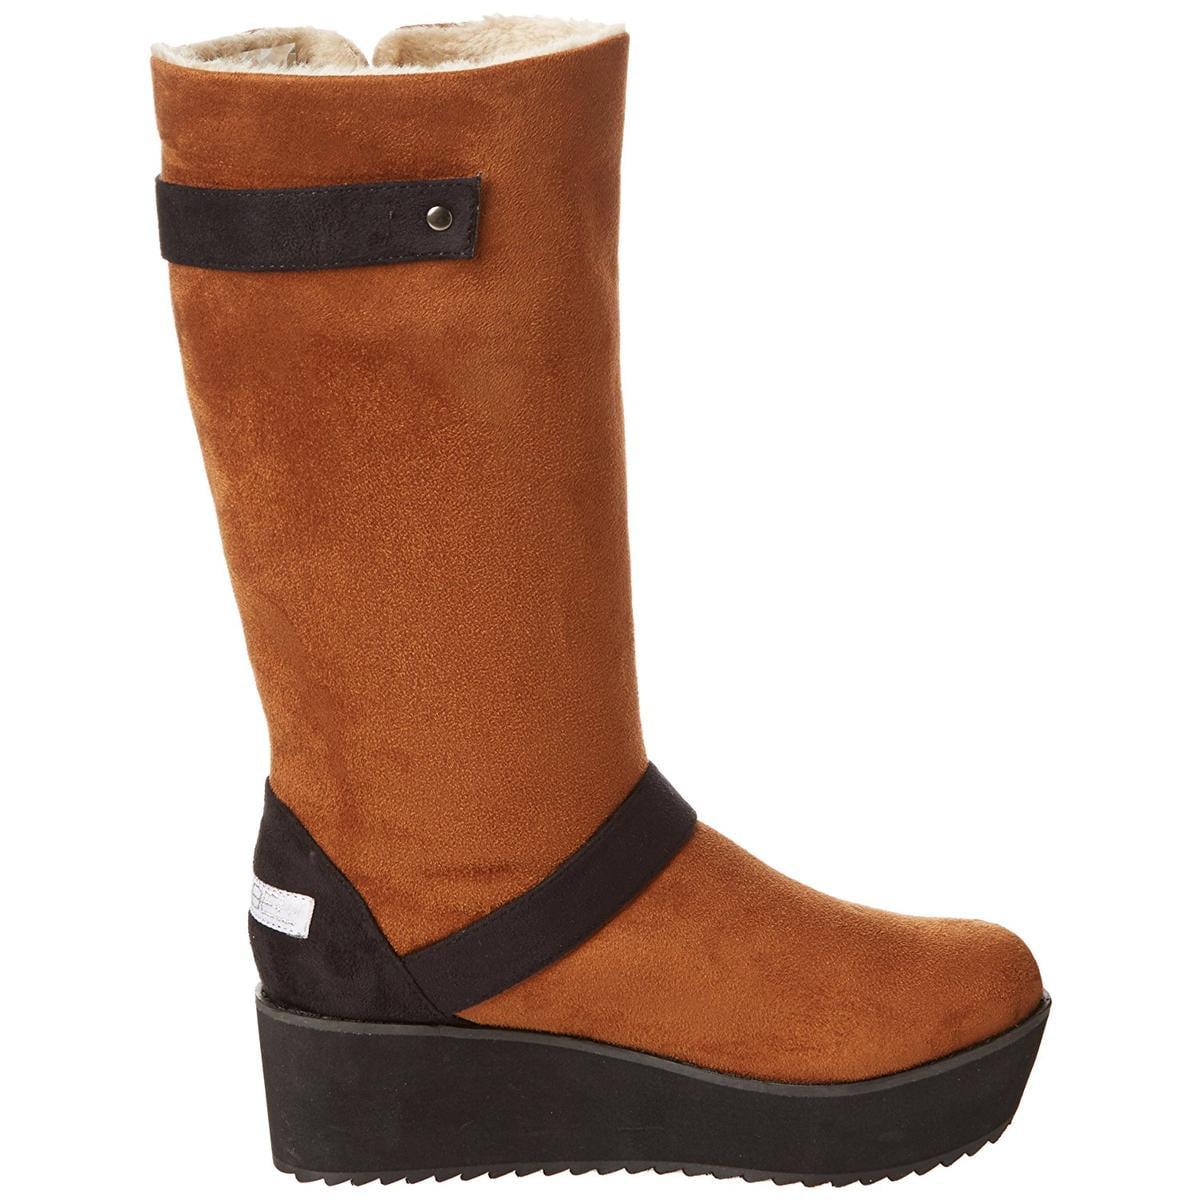 C Label Nata-16 Women's Chesnut Engineer Boot 8M